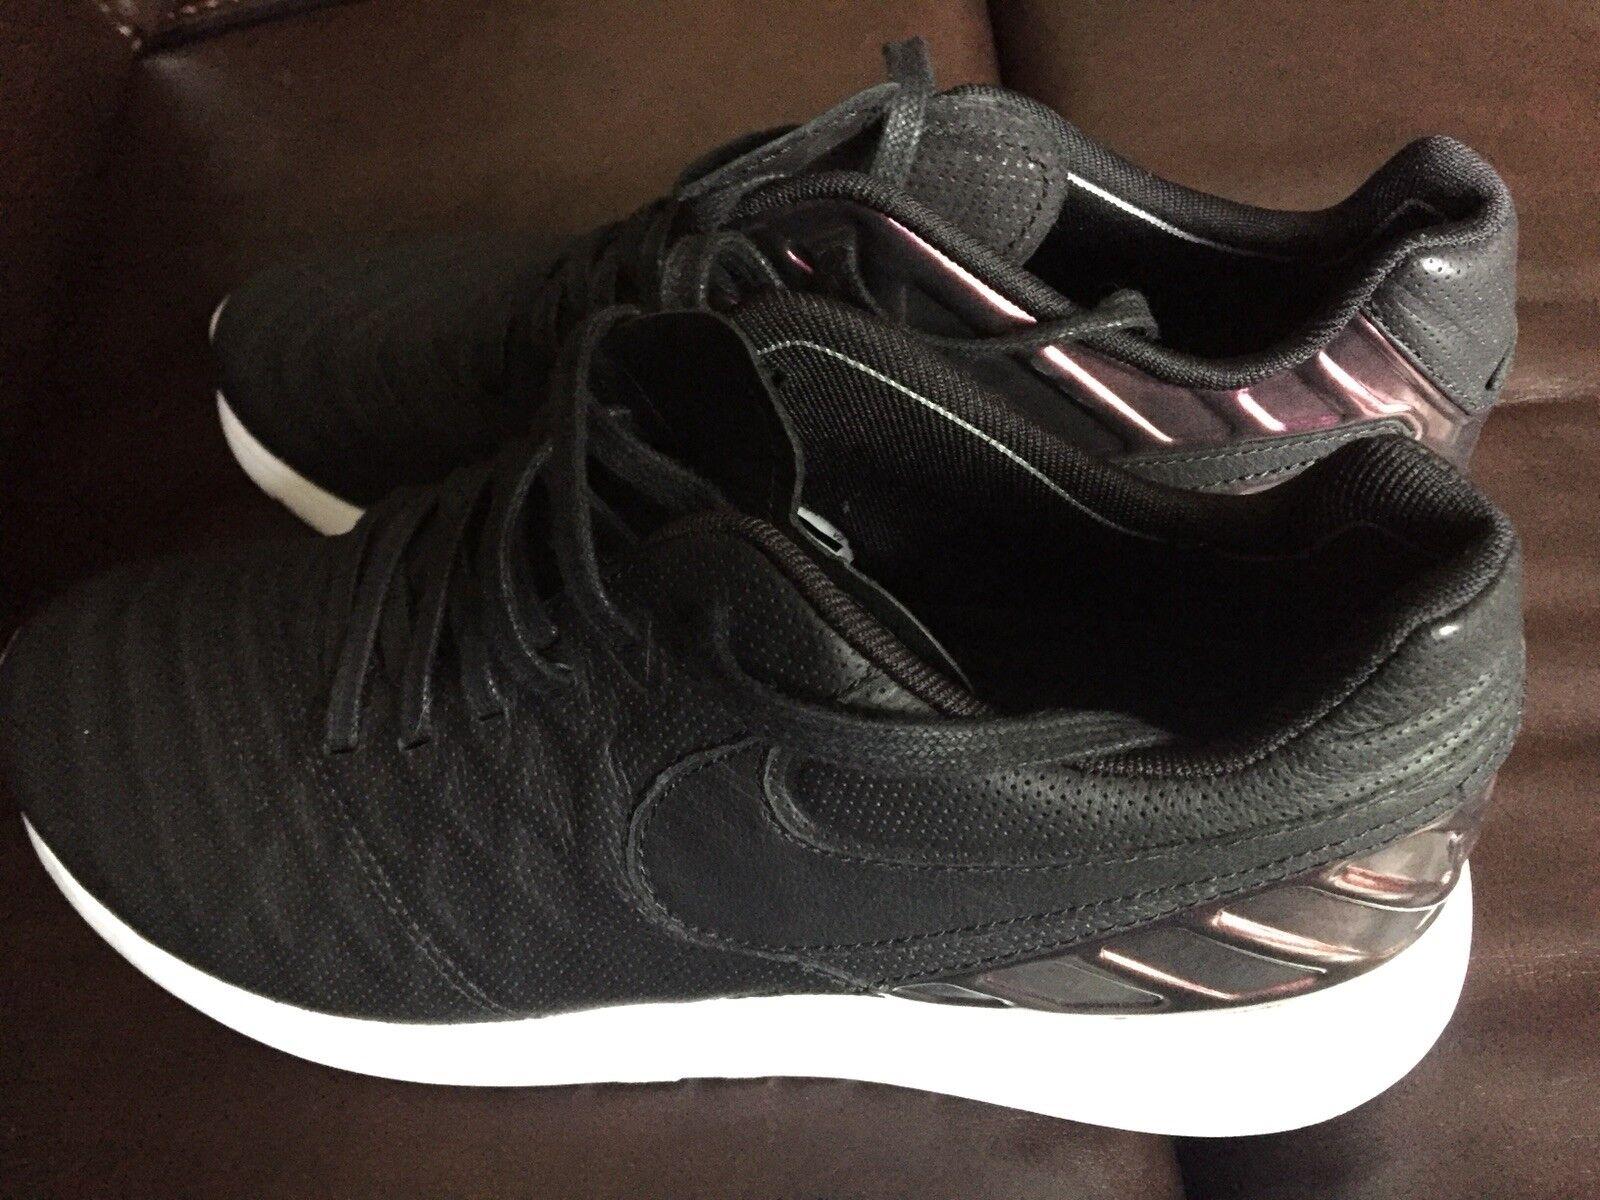 Ny Nike Roshe slipsmpo IV IV IV FC springaning Foamposite Fotboll 852615 -005 Storlek 8.5  den mest fashionabla